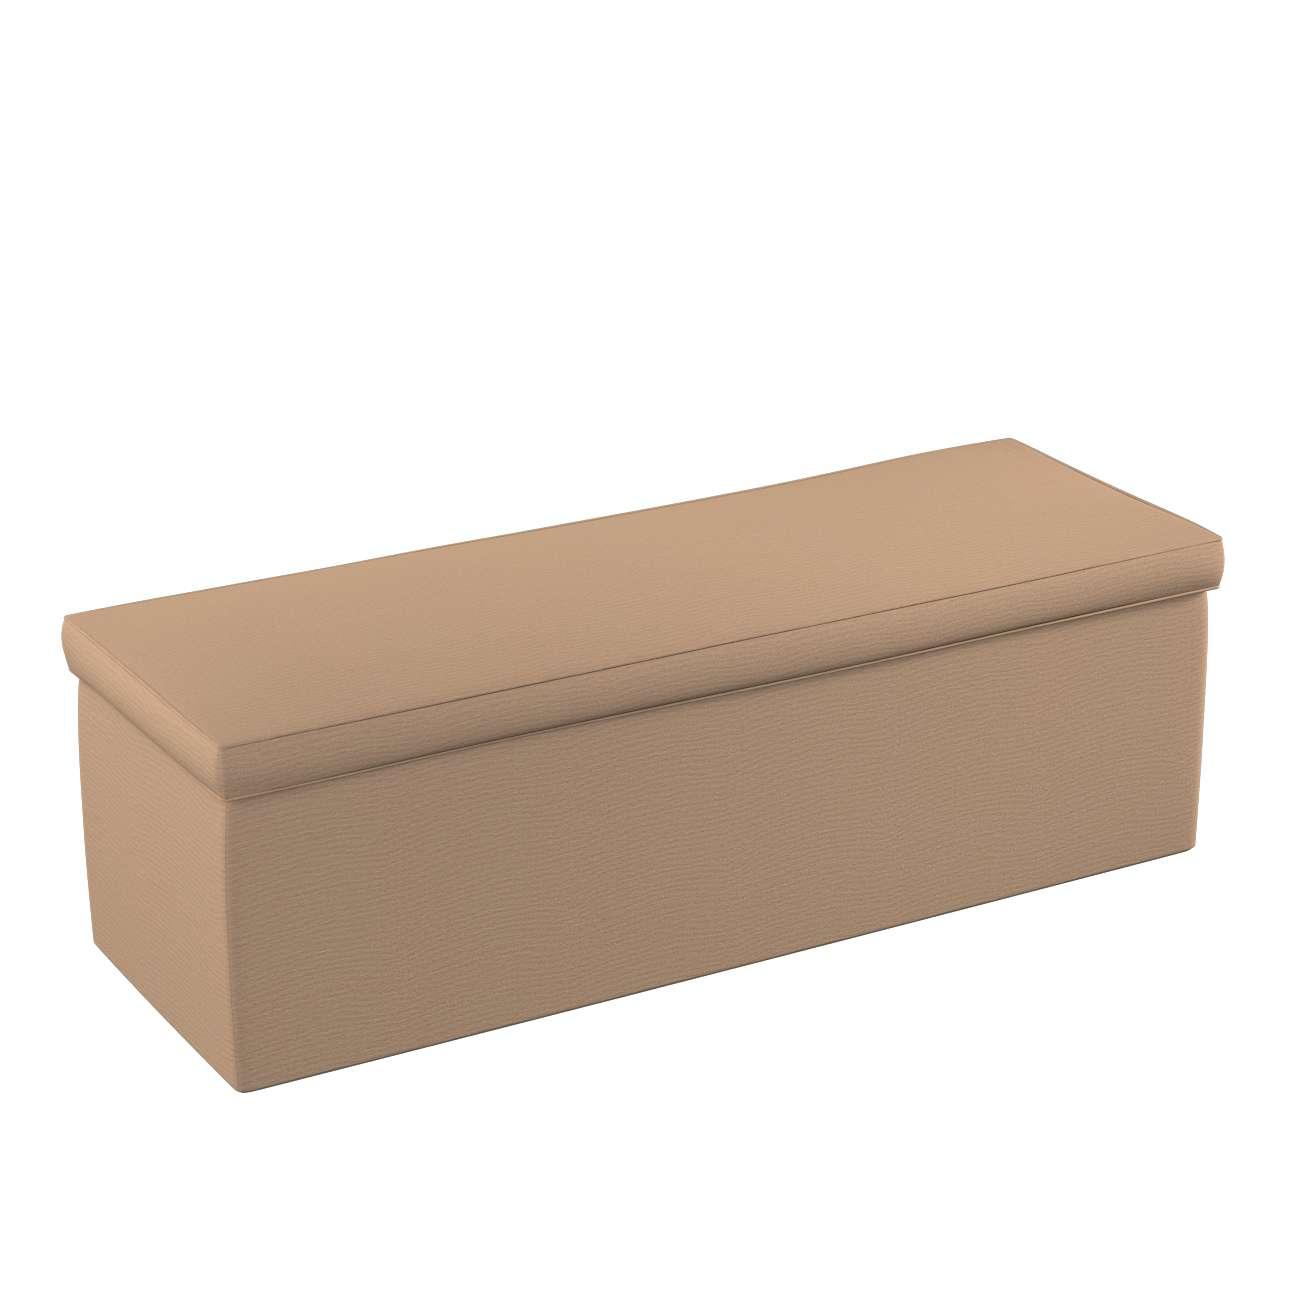 Čalouněná skříň s volbou látky - 2 velikosti v kolekci Quadro, látka: 136-09